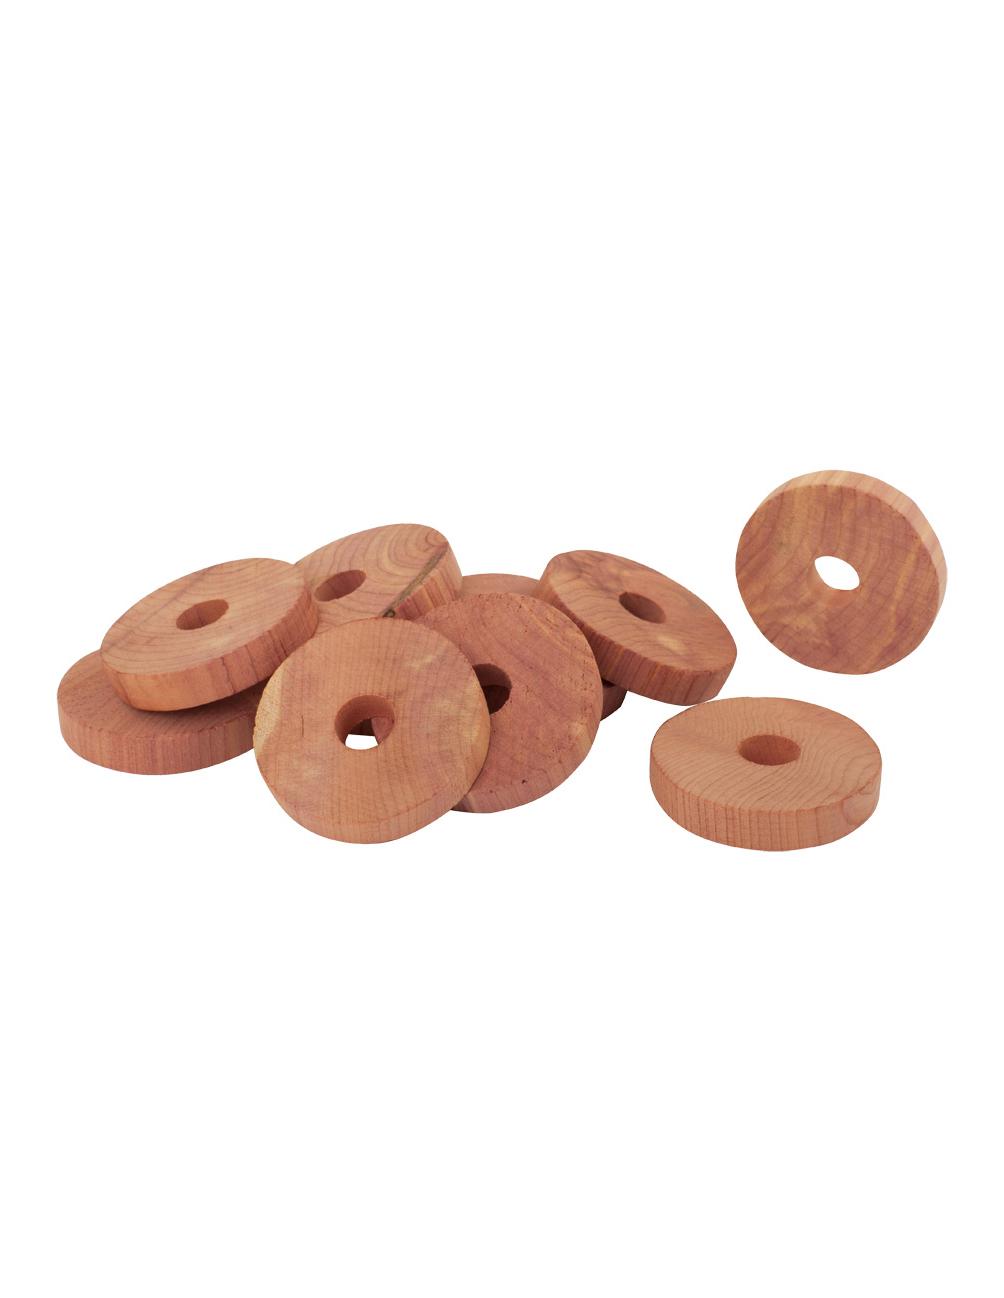 Cederträ Ringar 10-pack